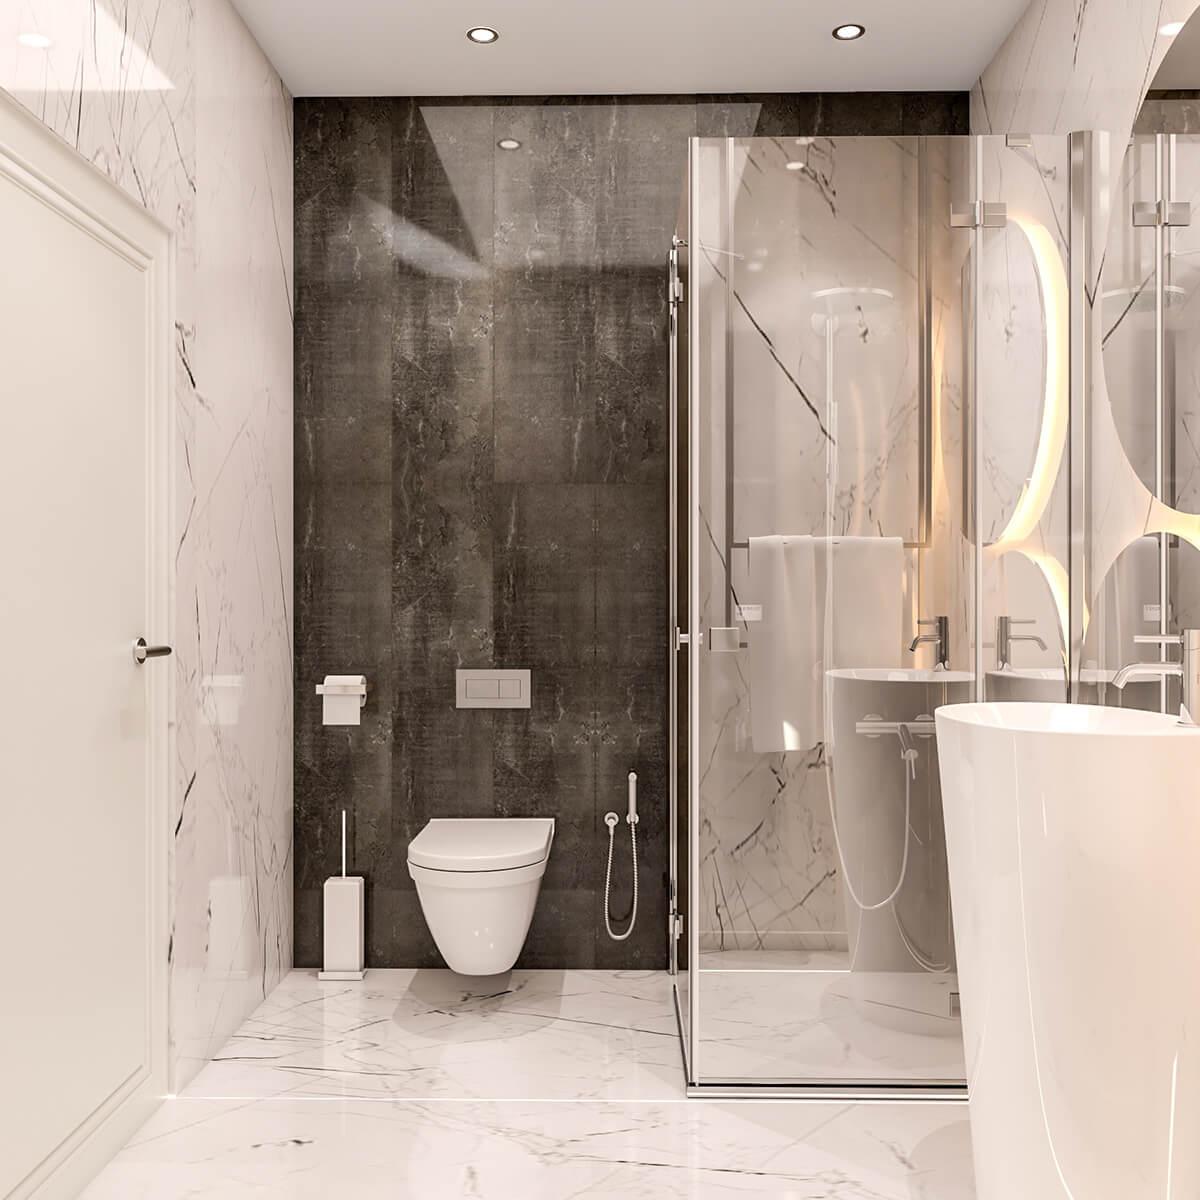 interioren-dizain-proekt-na-malka-banya